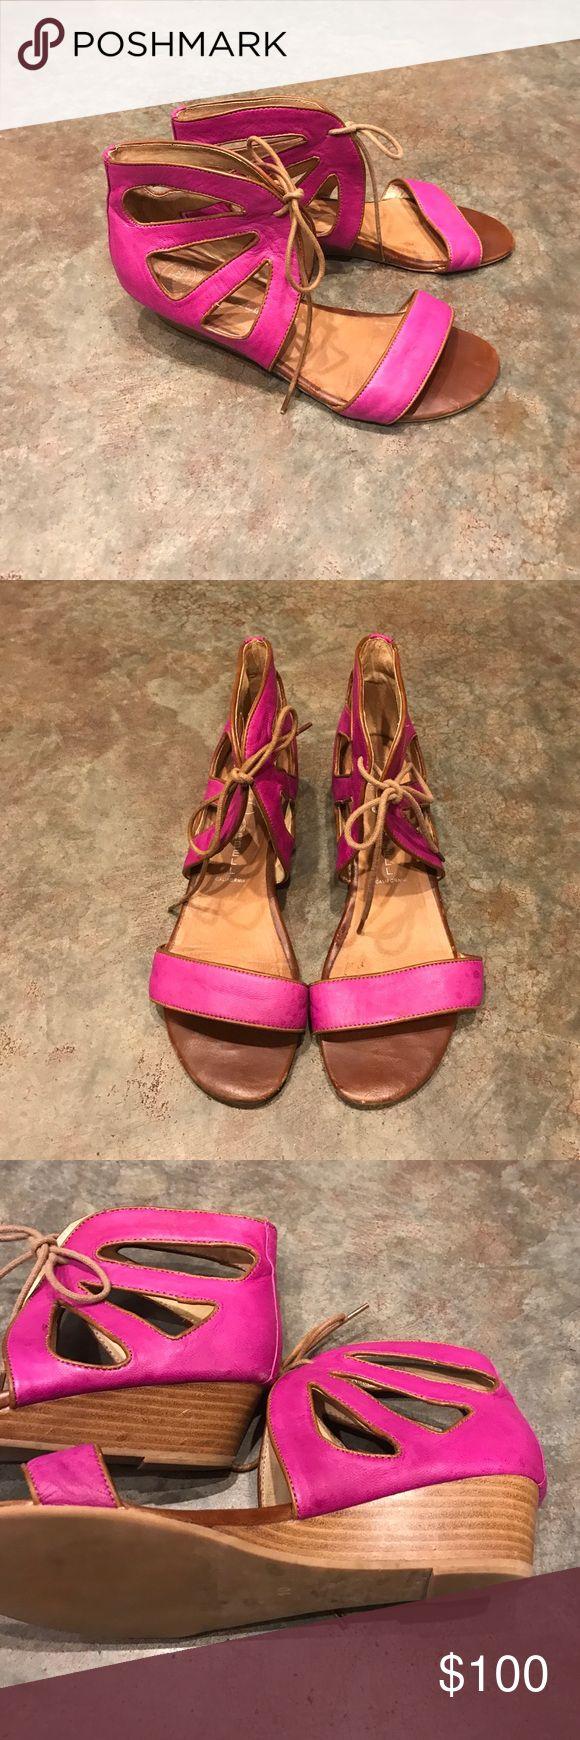 Jeffrey Campbell sandals Roller. Fuschia. Still in great shape! Jeffrey Campbell Shoes Sandals